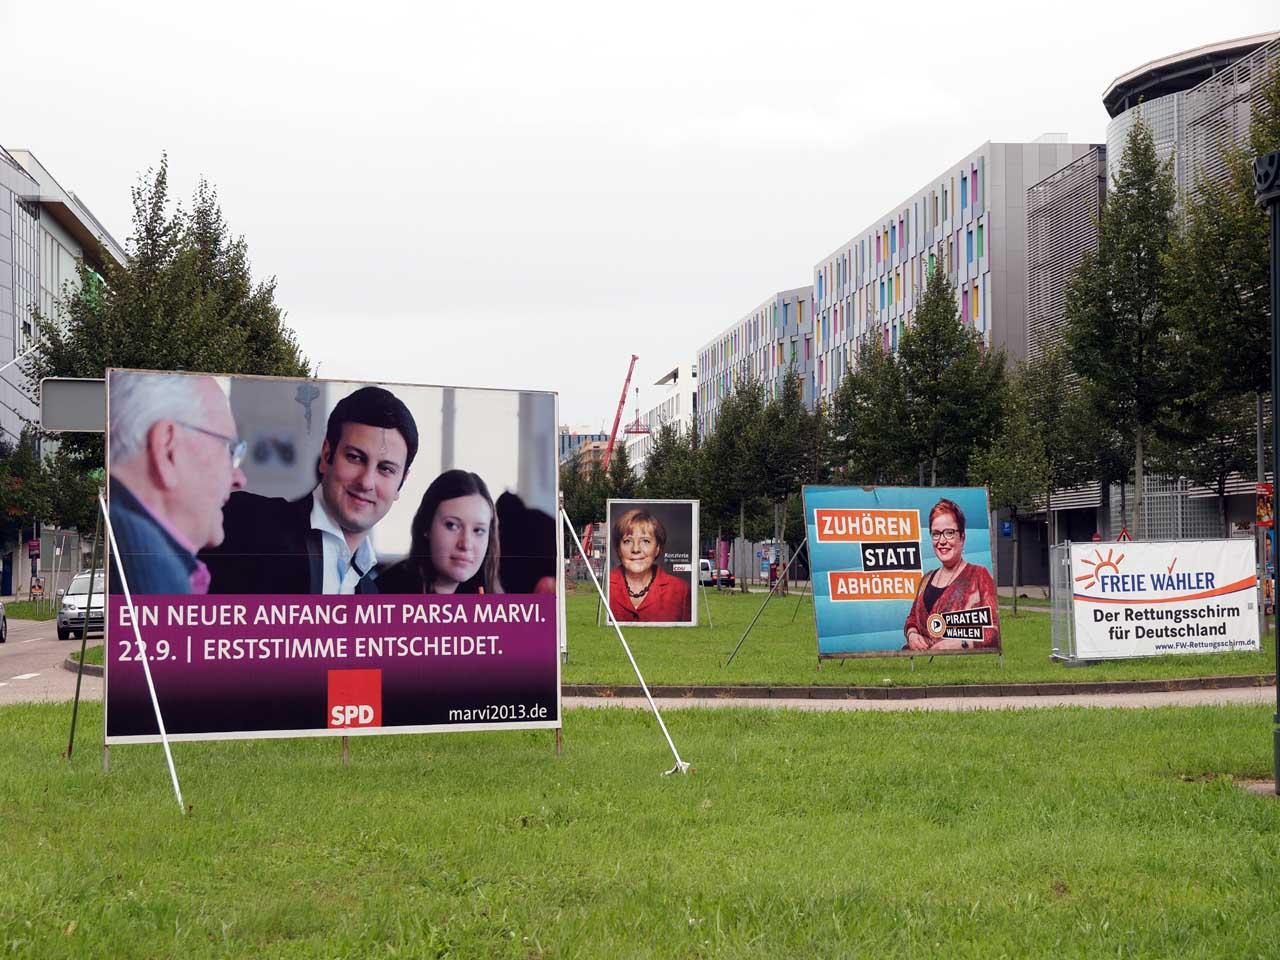 ドイツ連邦議会総選挙、街頭に立てられた選挙の大型広告。左からSPD、CDU、Piraten(海賊党)、FW(自由な有権者党)、カールスルーエ、2013.09.16. © Matsuda Masahiro